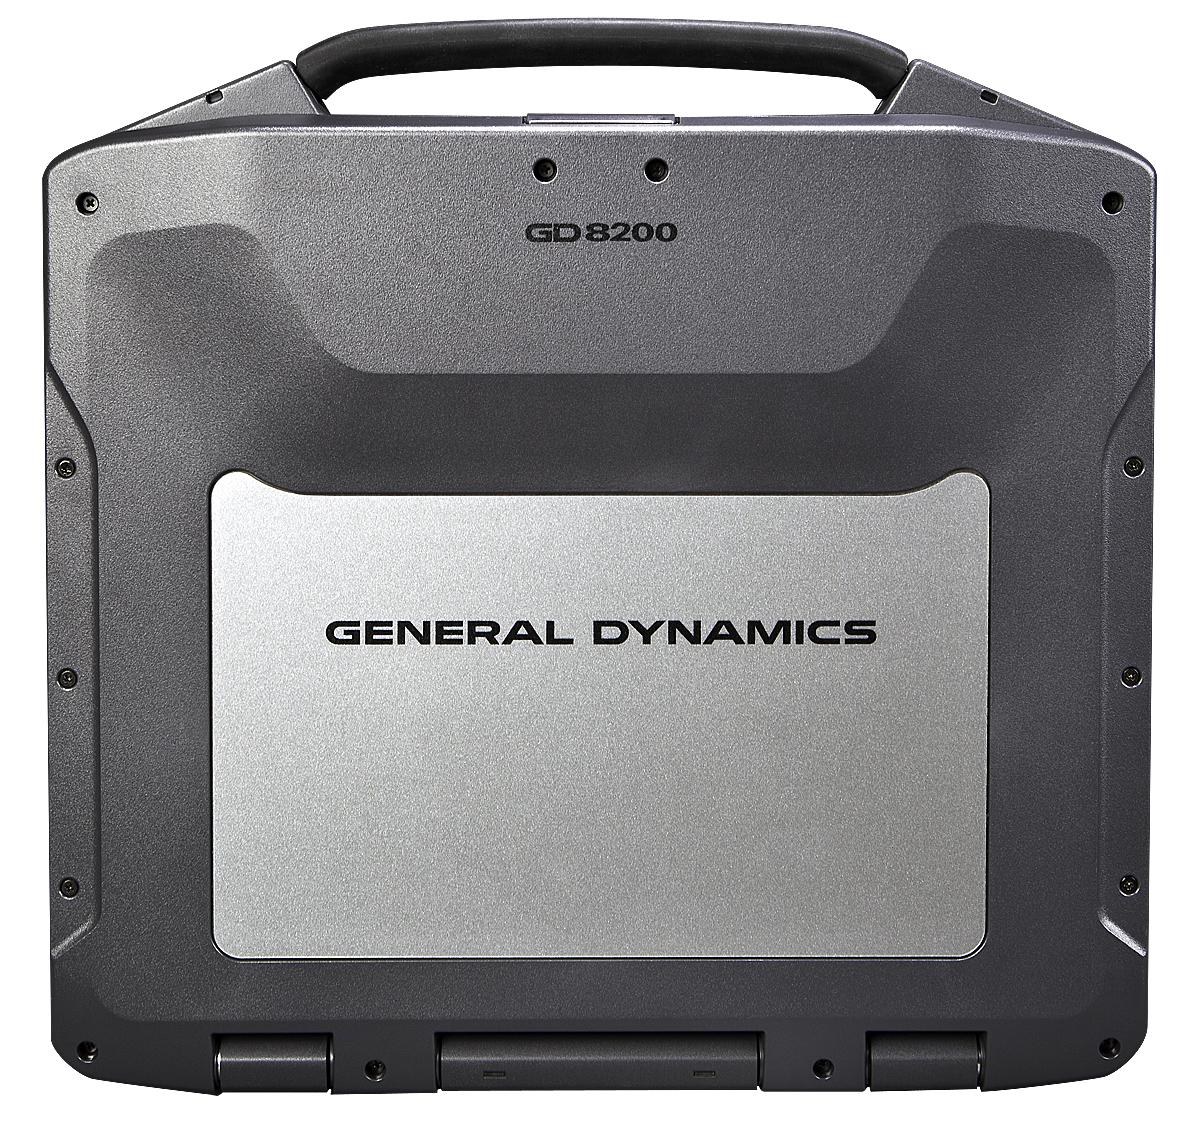 Laptop cổng COM RS232,  Toughbook CF-19,  CF-31, CF-53, Getac B300, Itronix GD6000, GD8000, GD8200 - 43